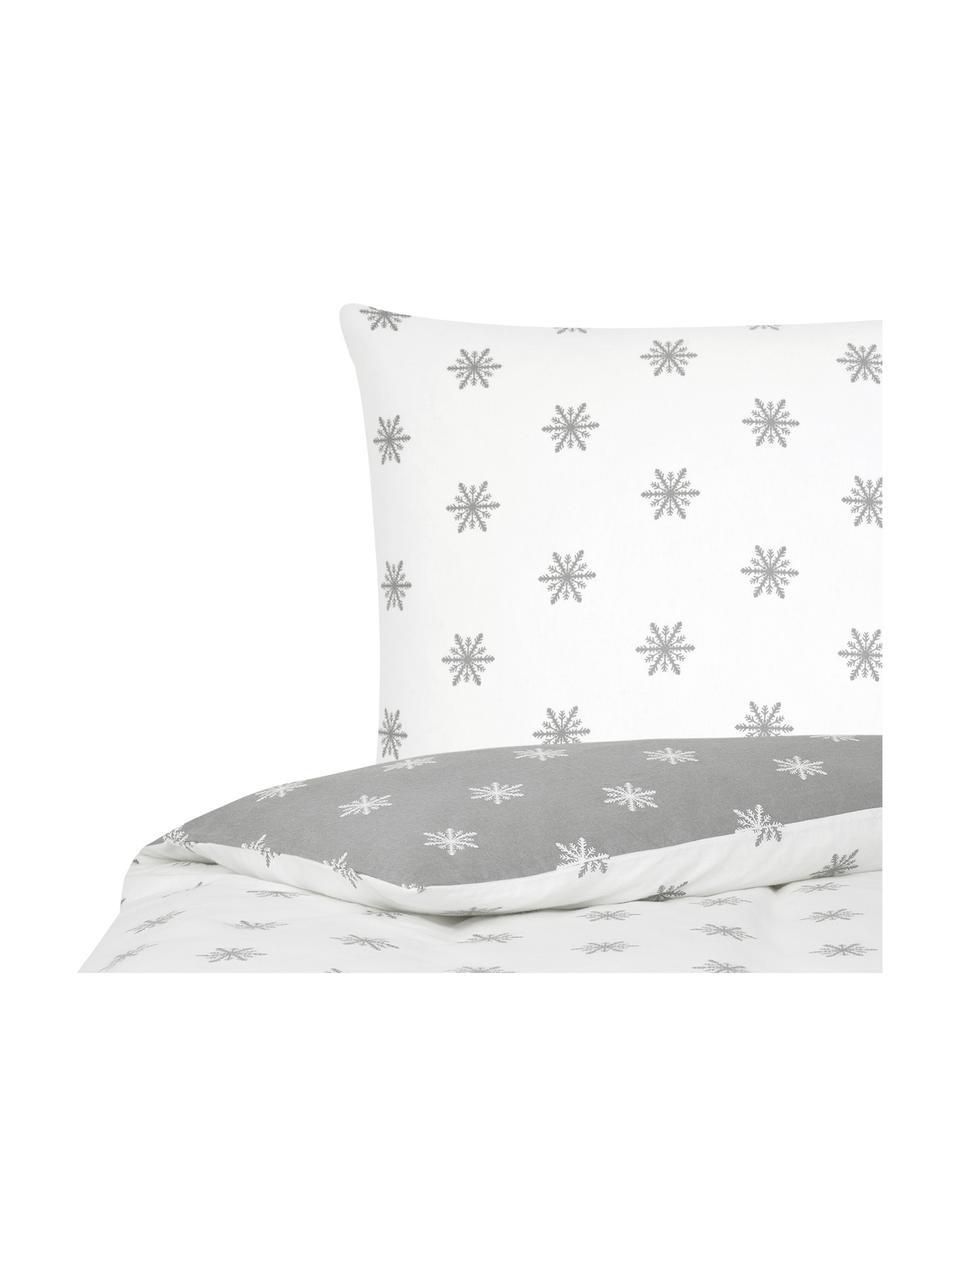 Dwustronna pościel z flaneli Alba, Jasny szary, biały, 135 x 200 cm + 1 poduszka 80 x 80 cm